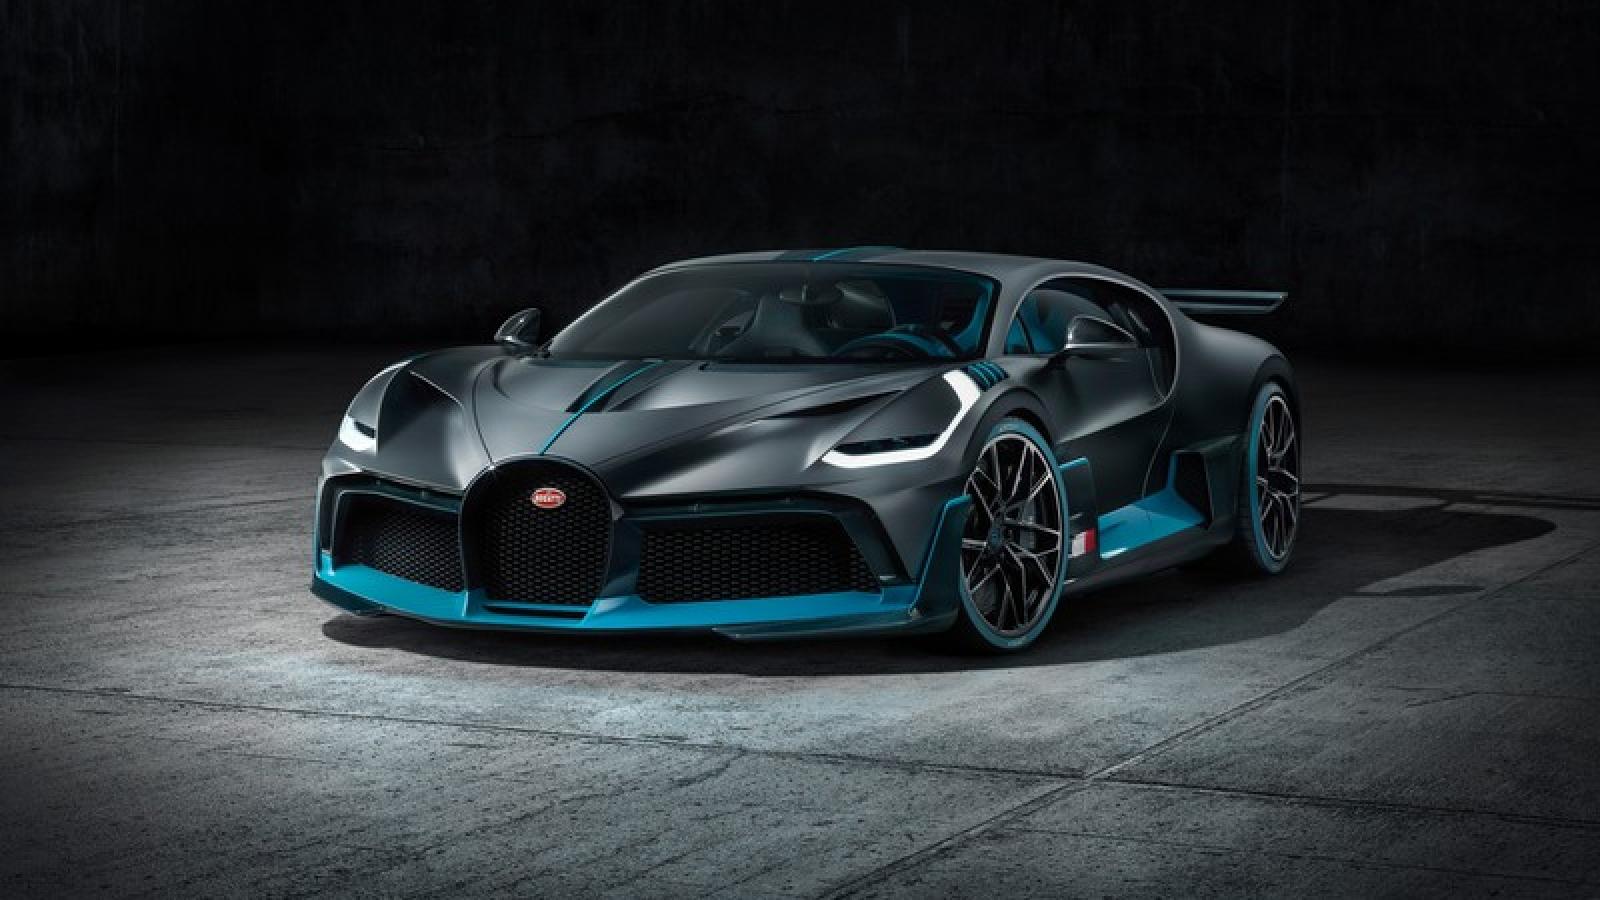 Mẫu Bugatti Divo đầu tiên sẽ được bán ra với mức giá hơn 5,4 triệu USD